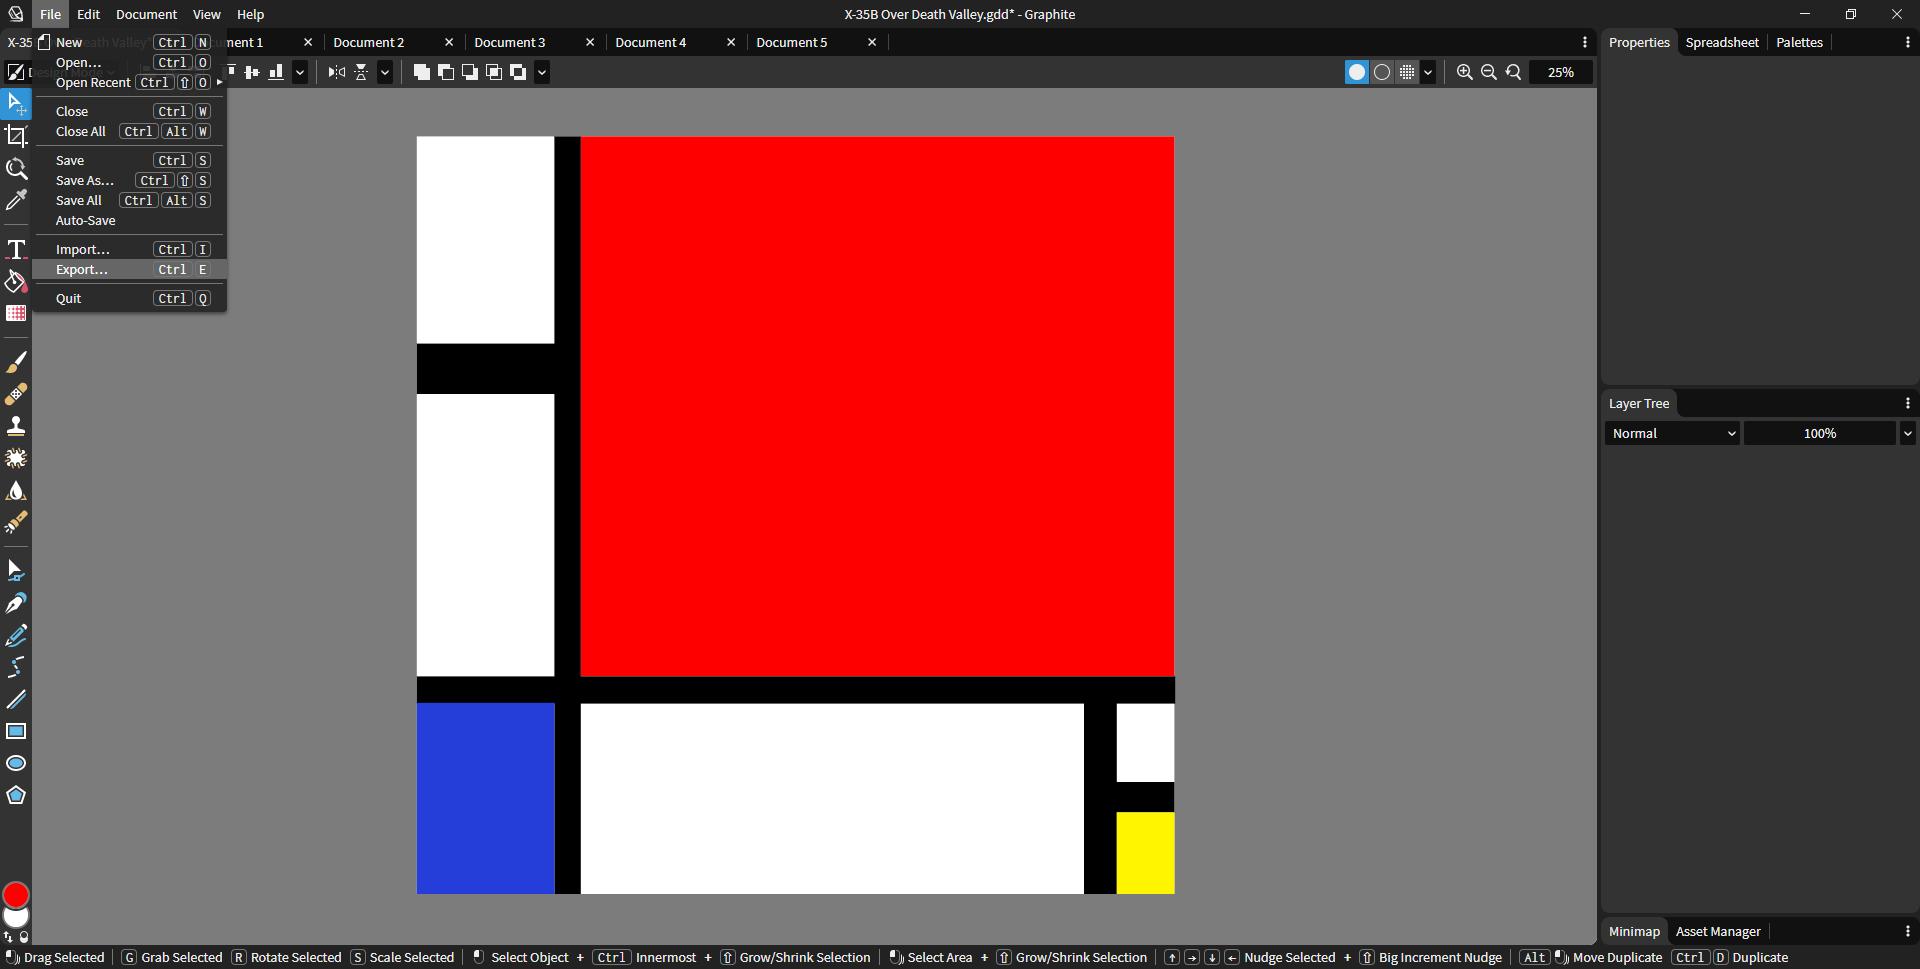 Piet Mondrian's artwork replicated in Graphite using the new color picker